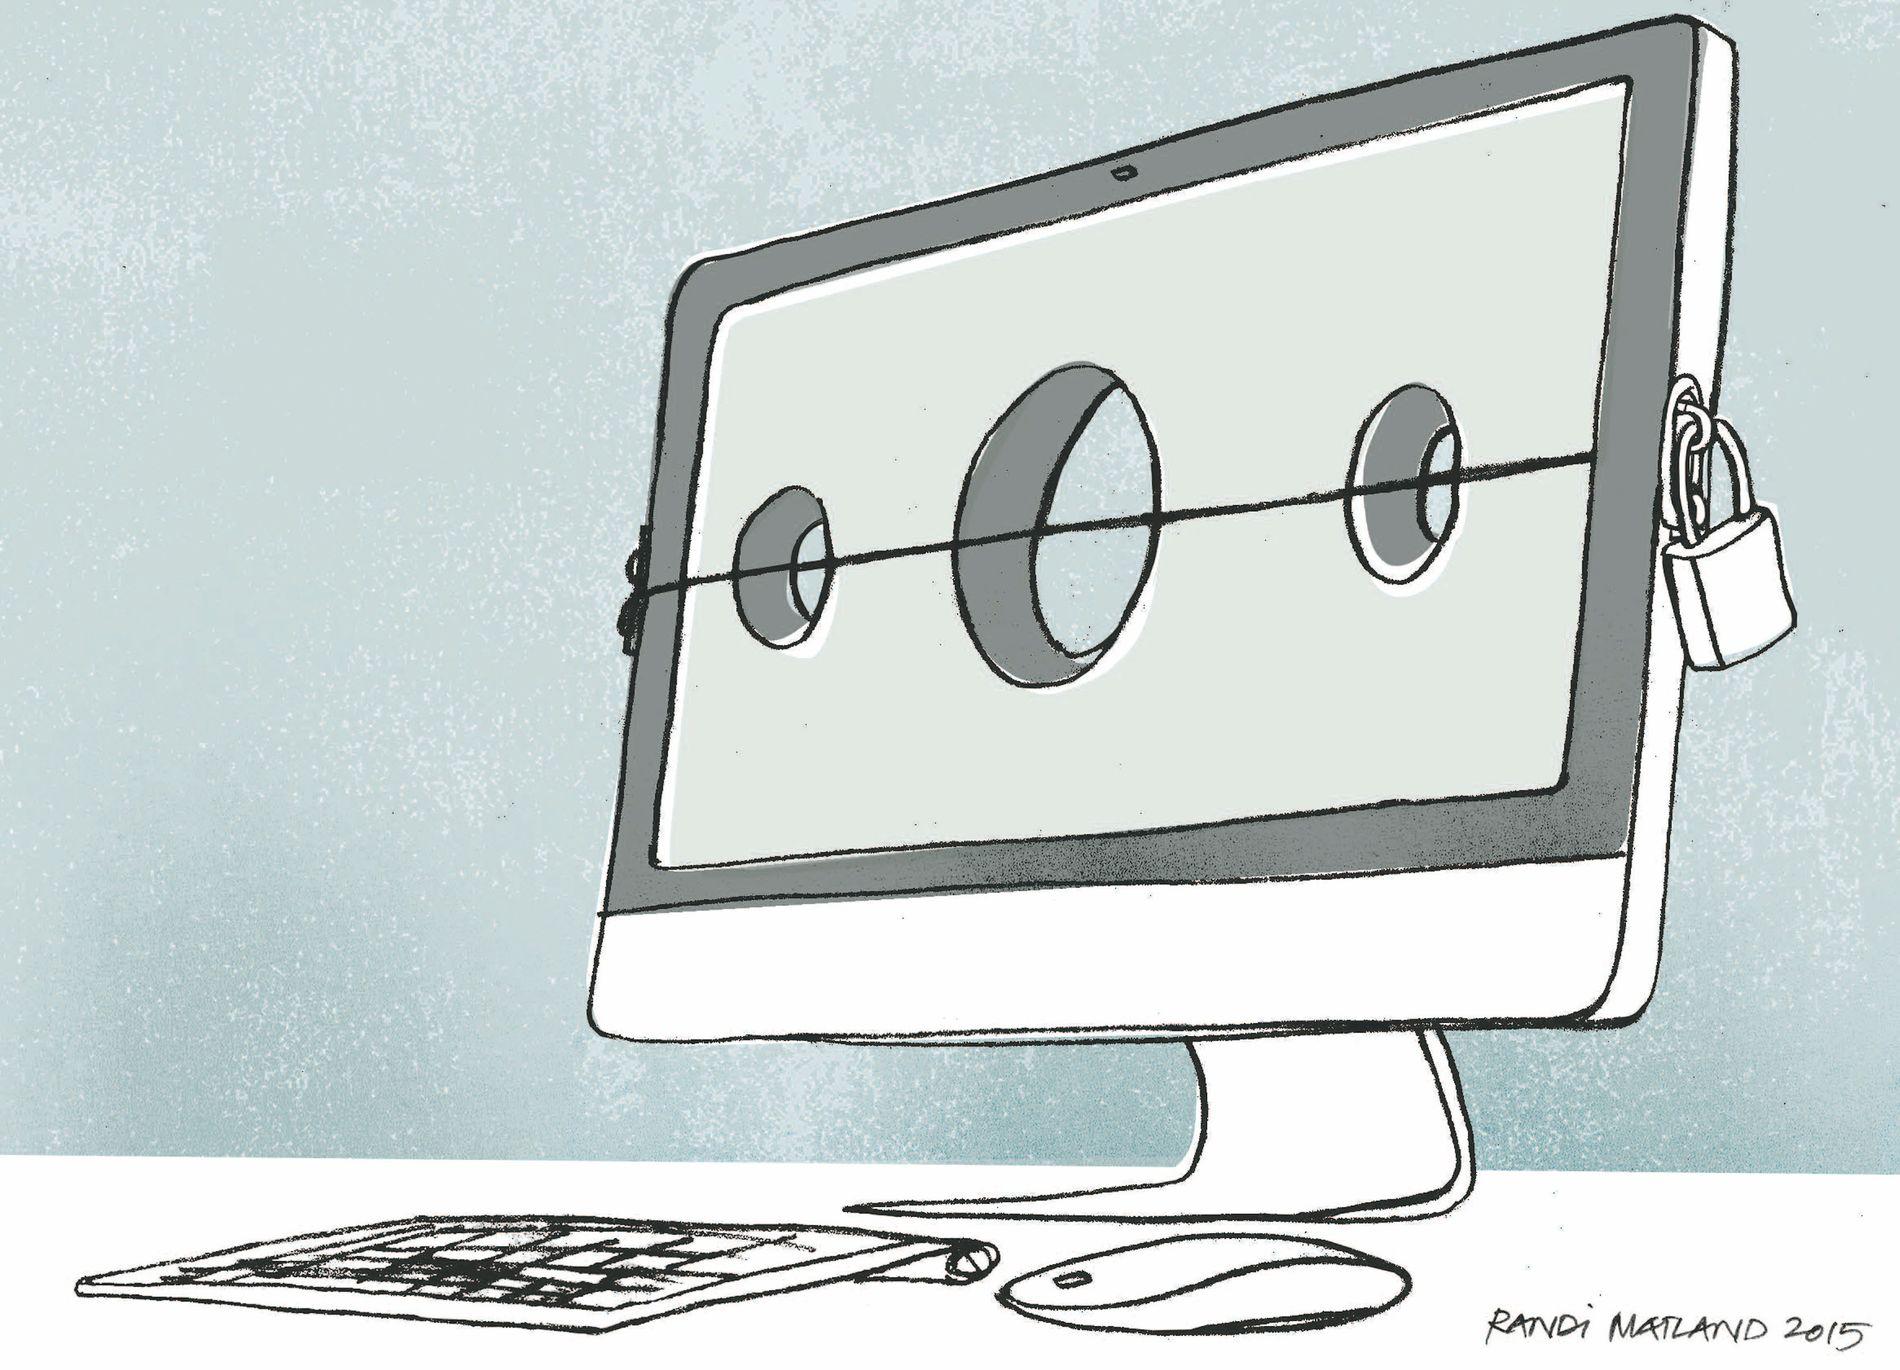 Den digitale gapestokken er nådeløs.